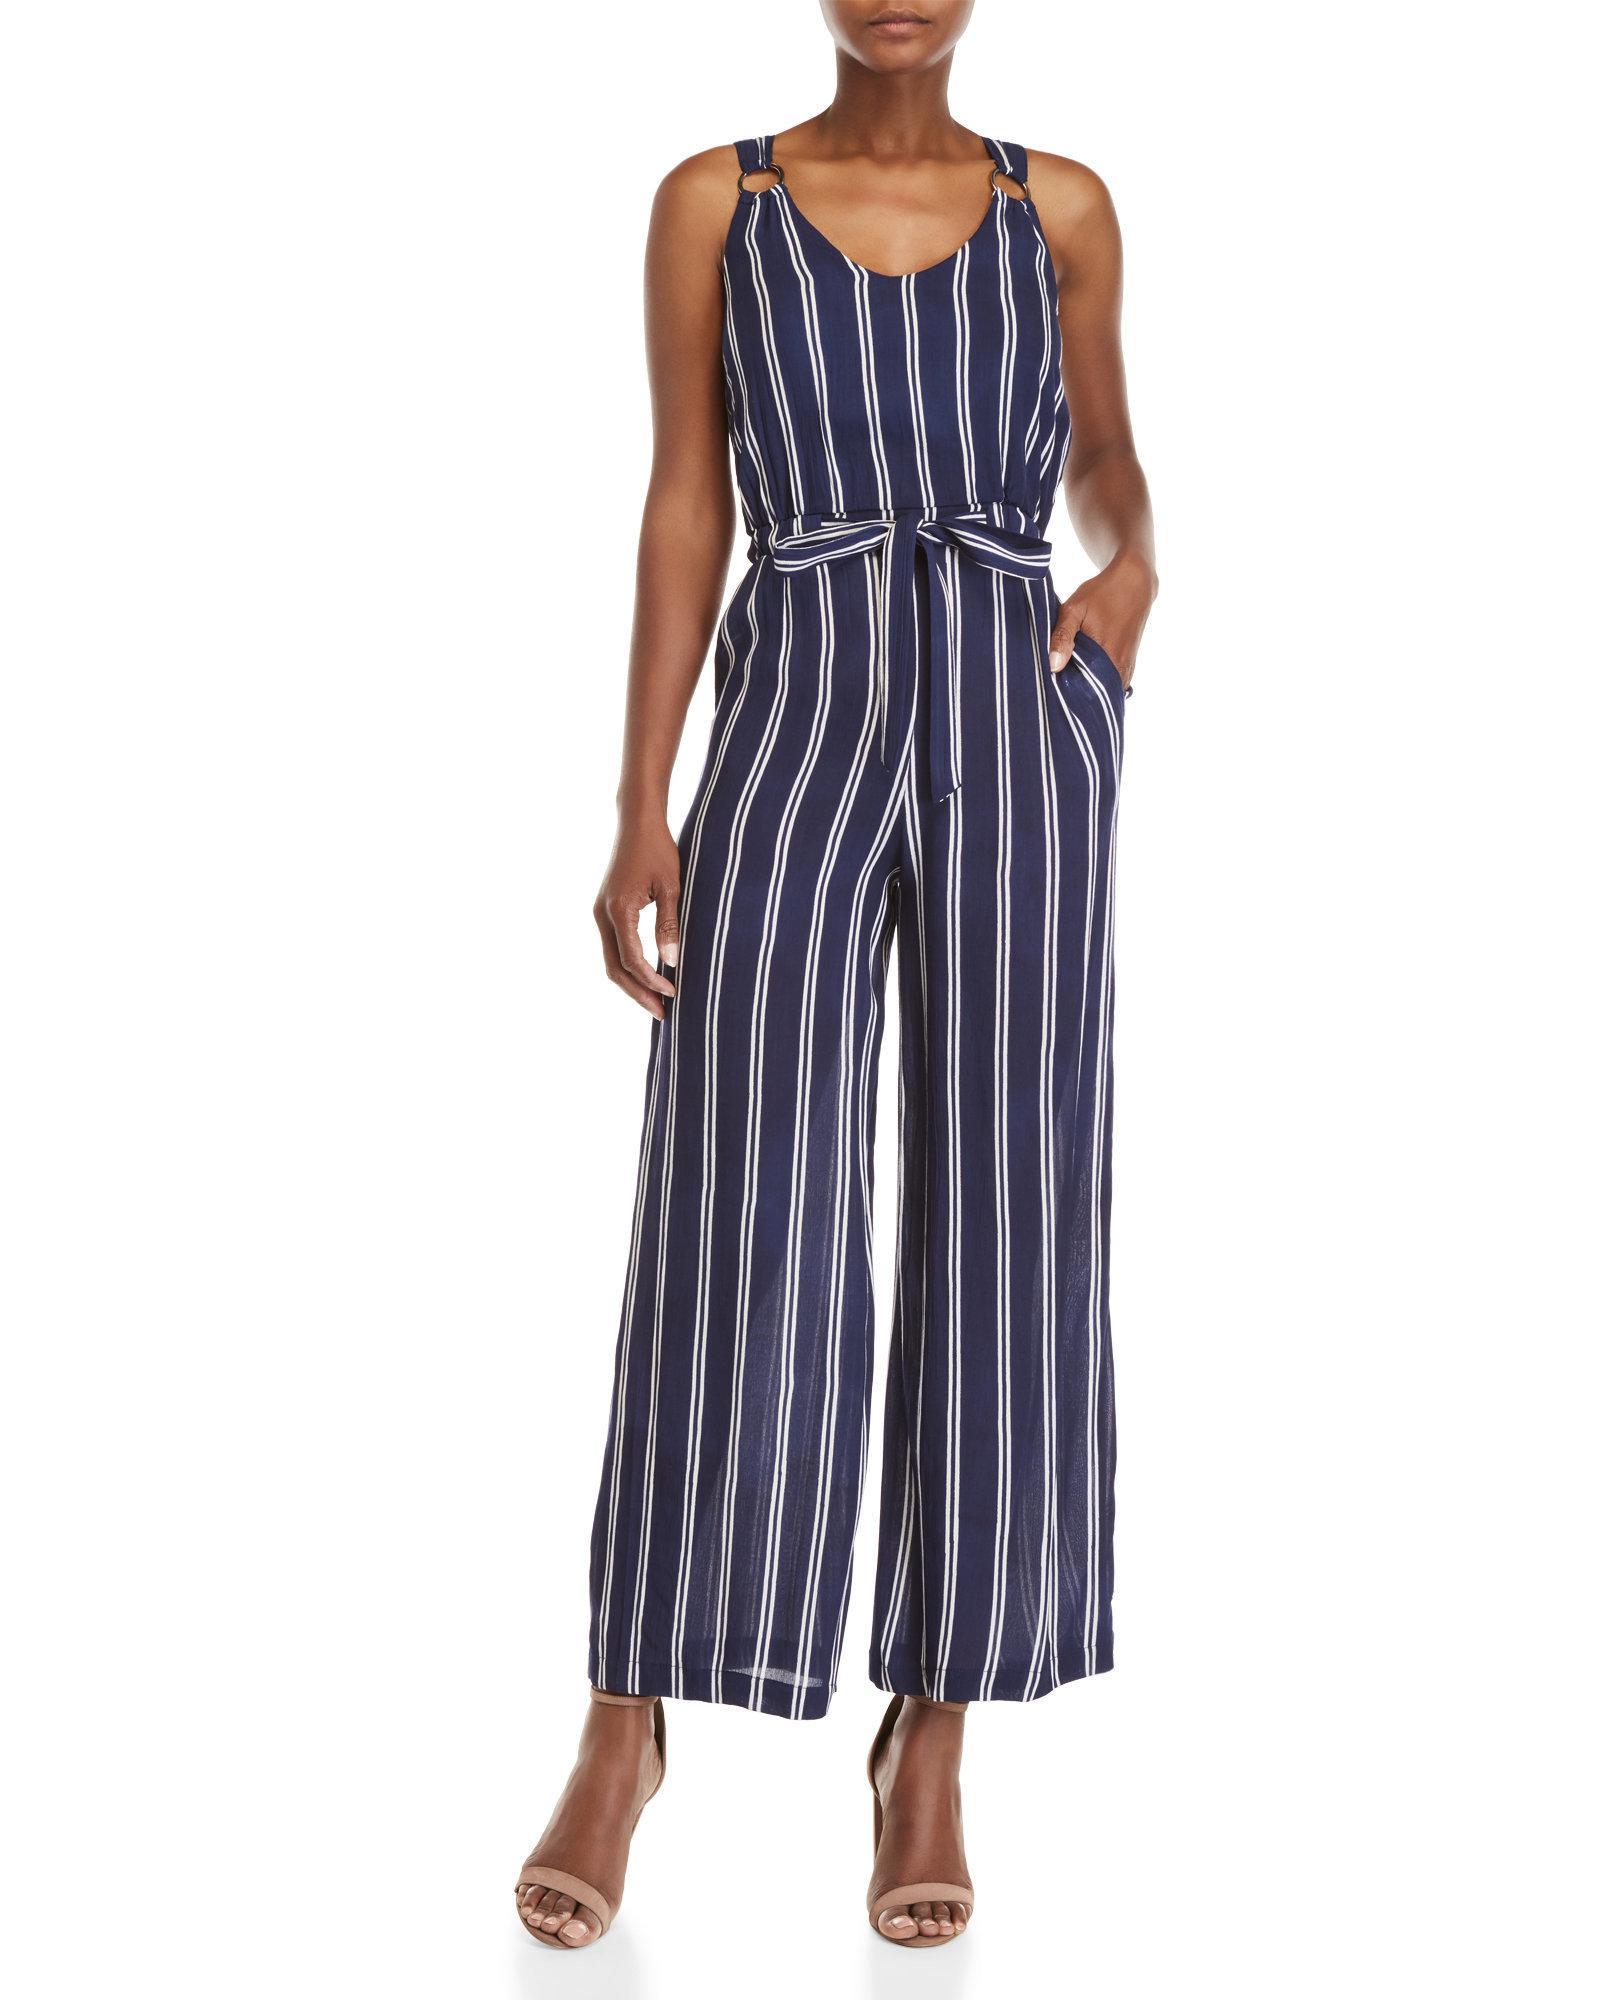 66a576709d2 Lyst - Derek Heart Striped Self-tie Jumpsuit in Blue